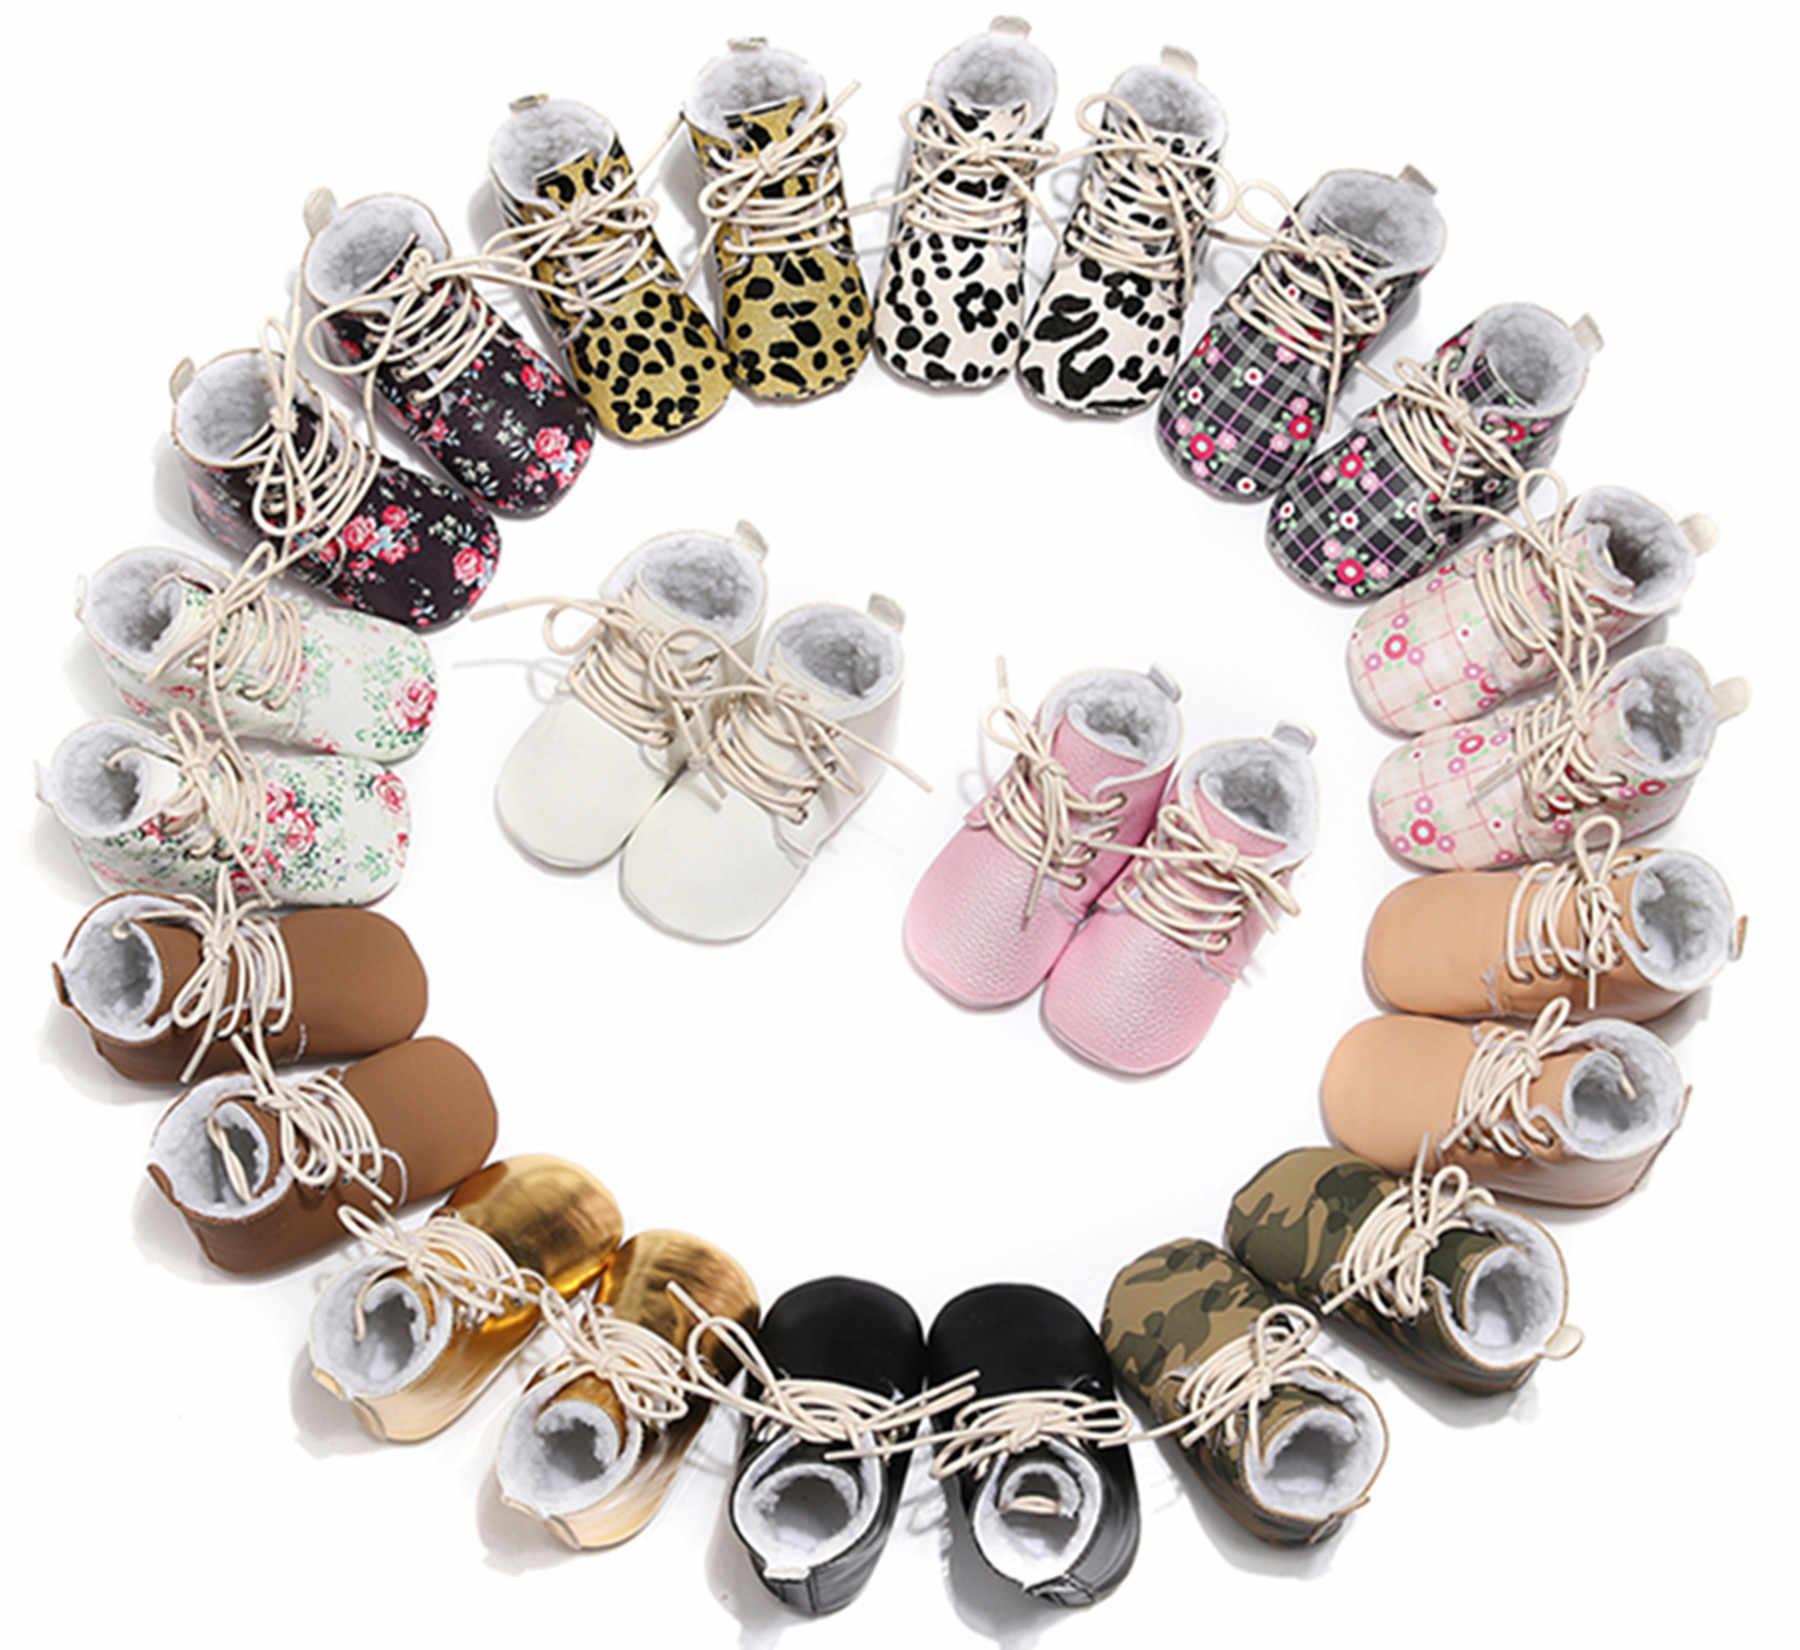 2019 nuevo bebé niños invierno mocasines TPR suela Infantil Niño botas de nieve bebé niñas zapatos de invierno Zapatos bebé Bebe botines